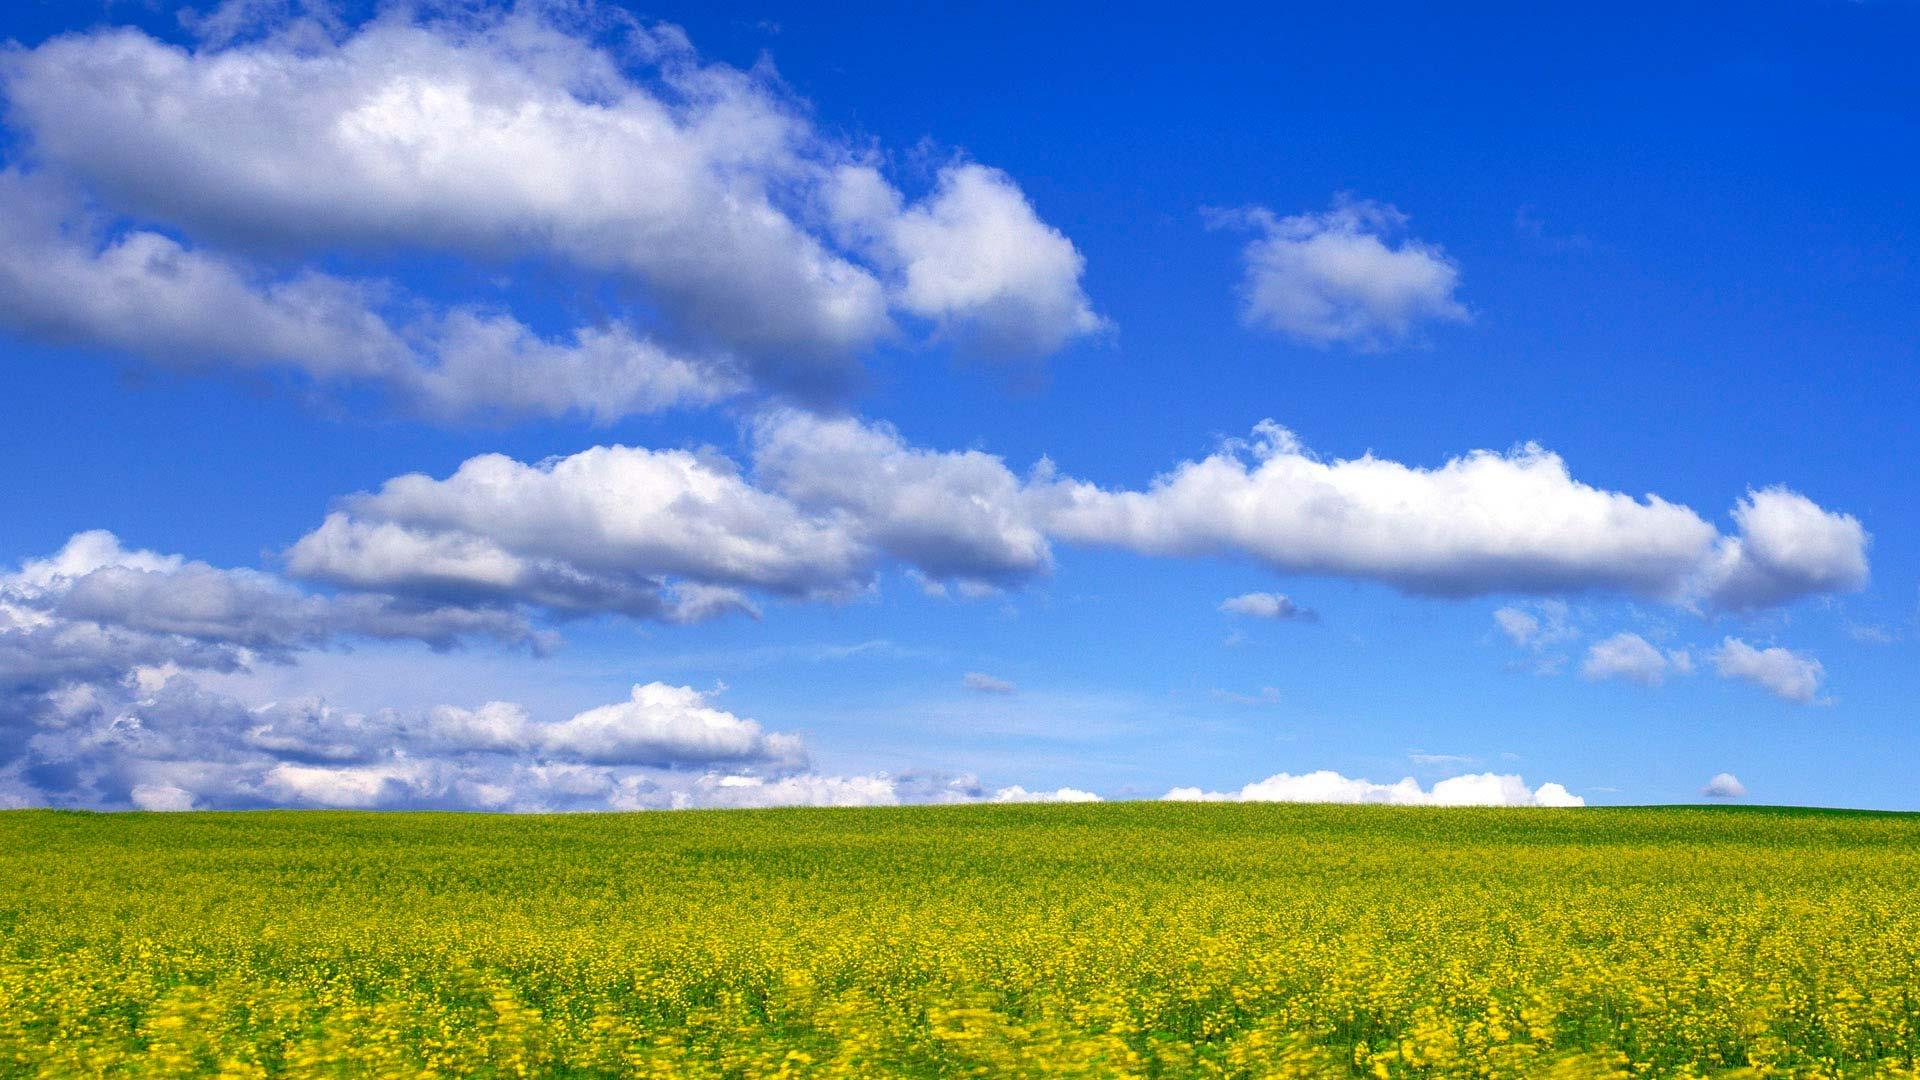 ცის და მიწის მოხმობა